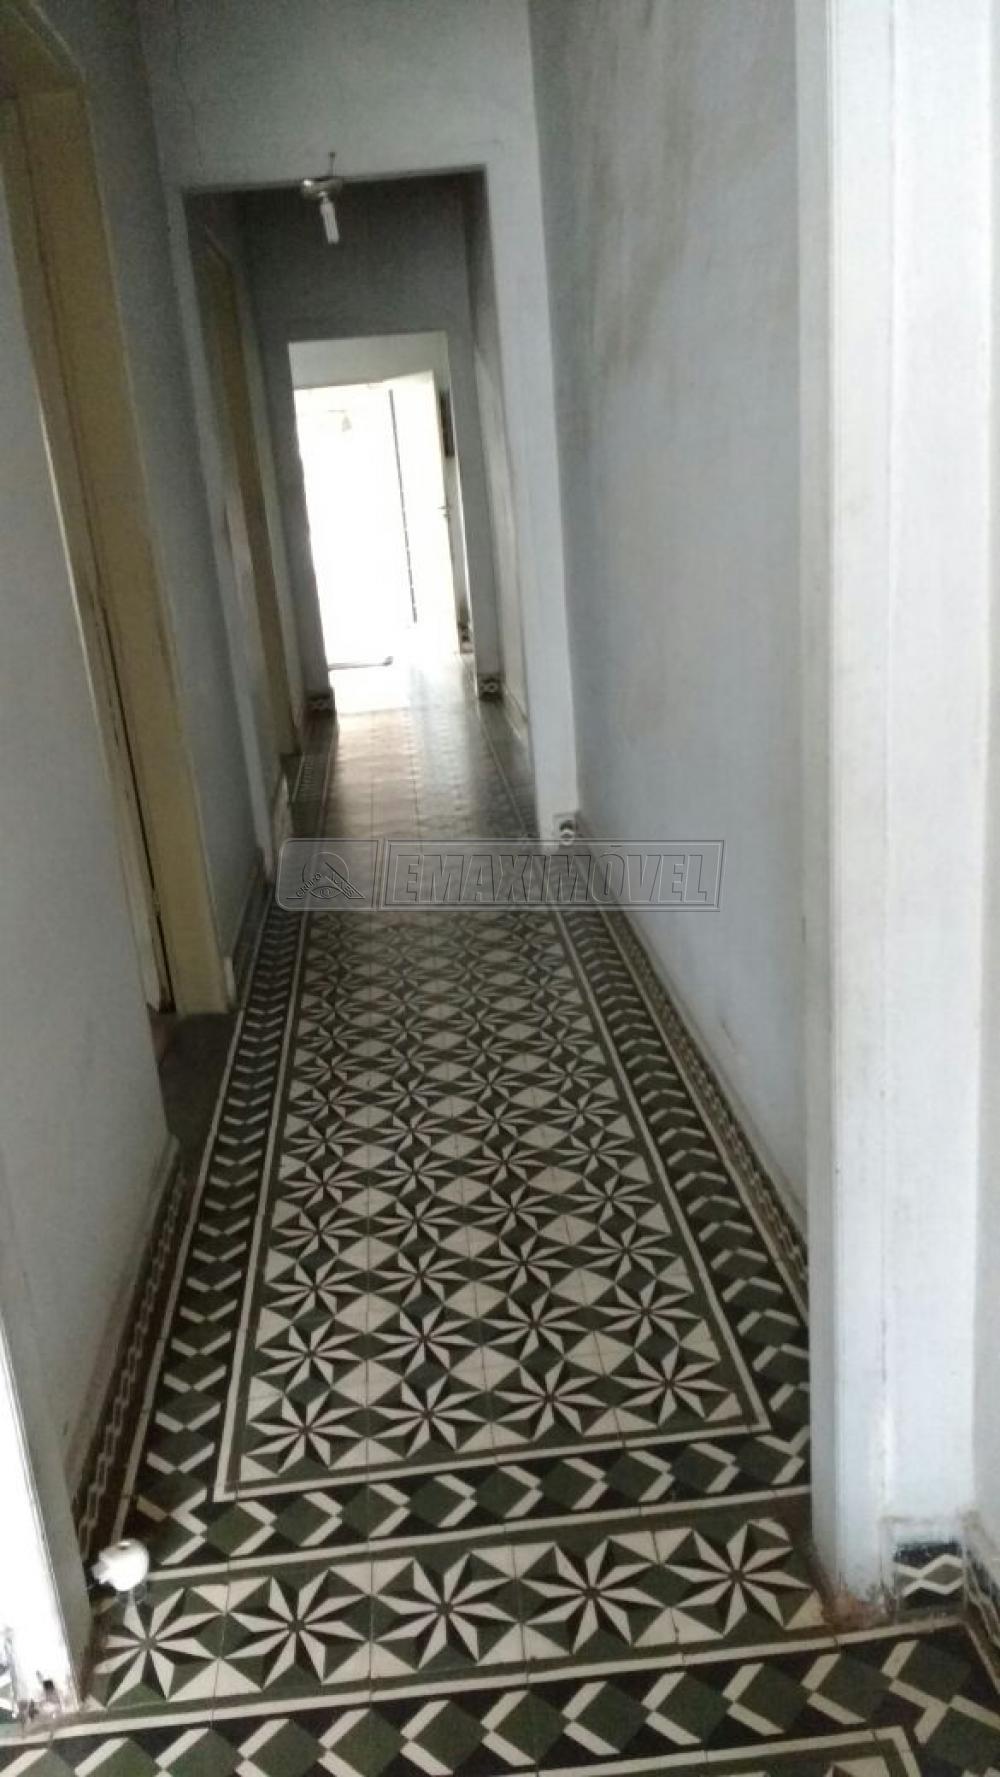 Comprar Casas / em Bairros em Sorocaba apenas R$ 238.000,00 - Foto 10